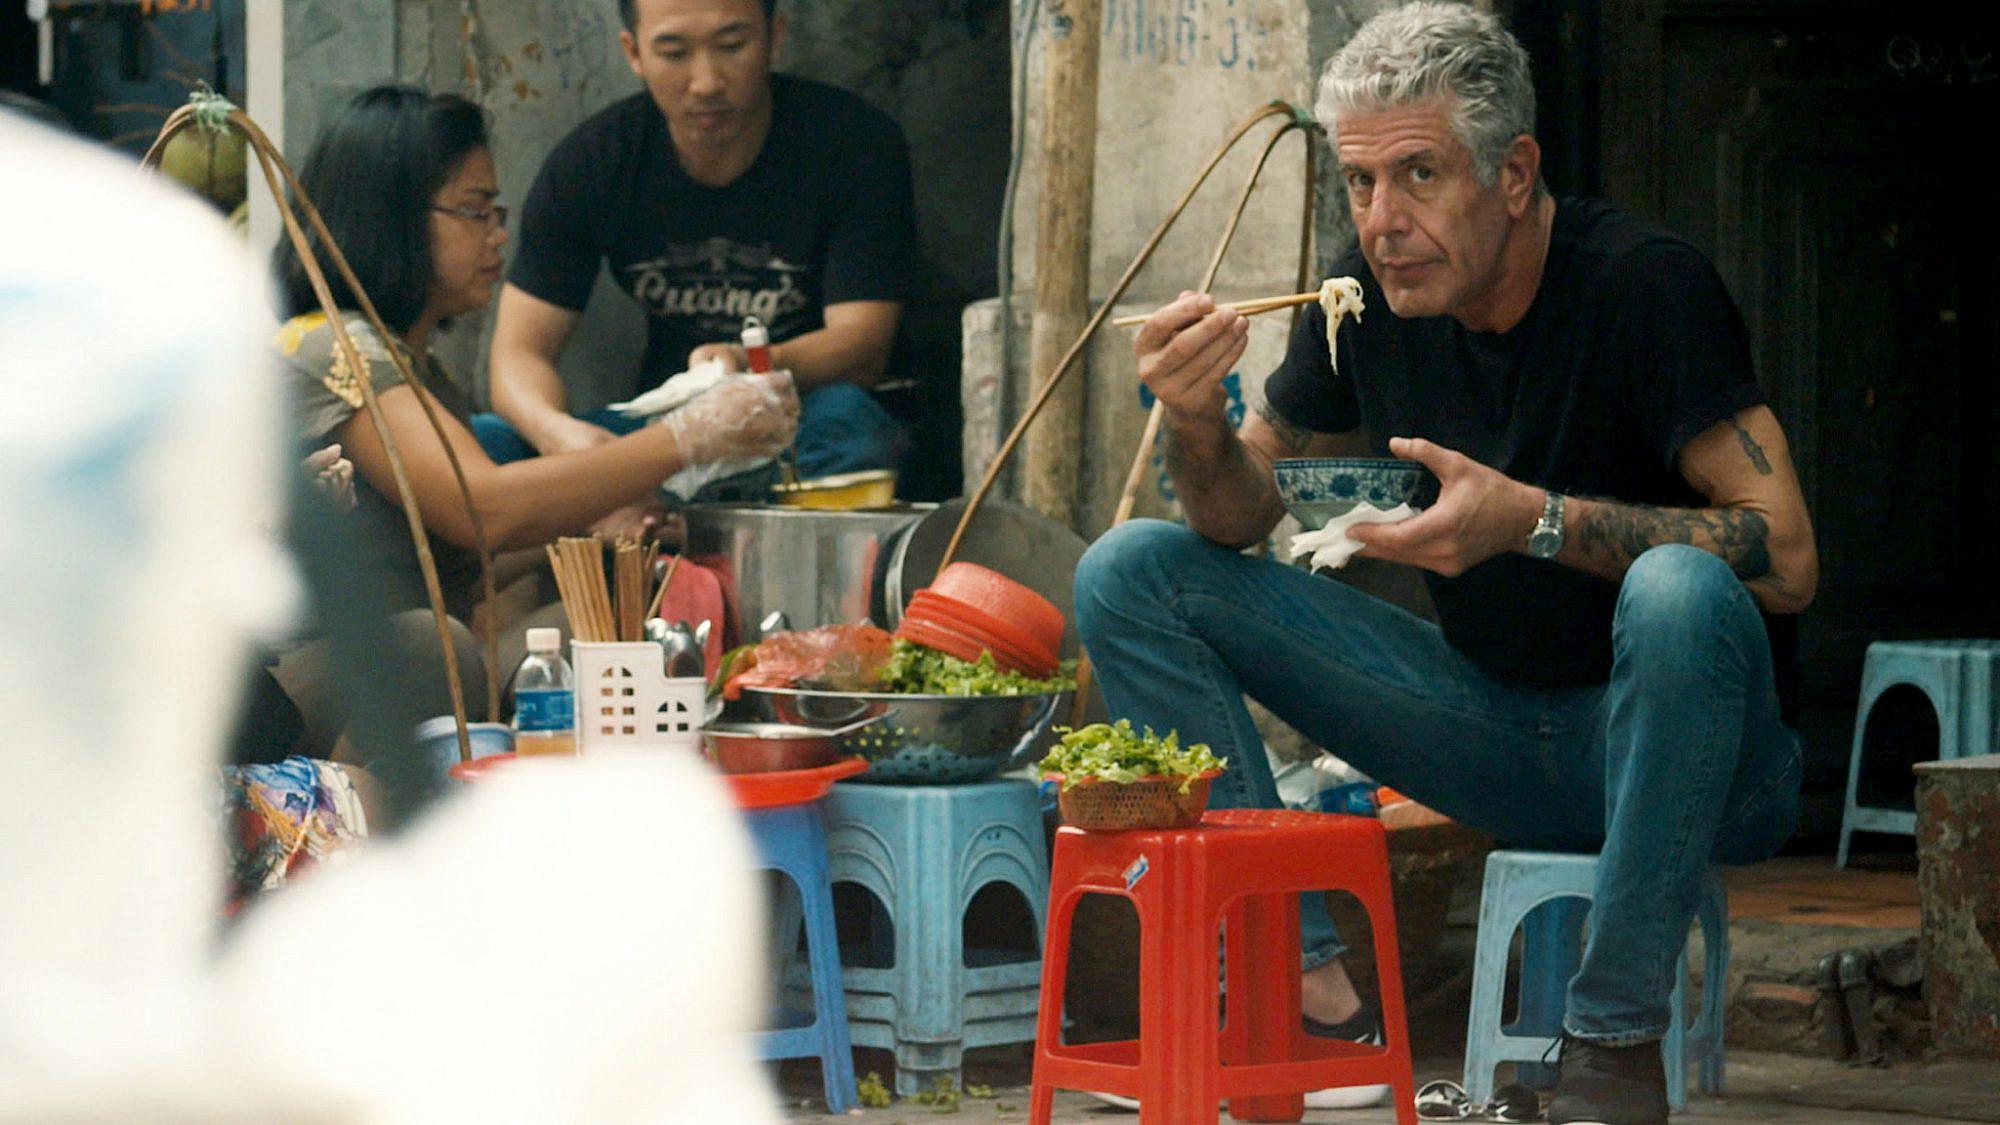 """חייו ומותו (מתוך הסרט """"שף - סרט על אנתוני בורדיין"""", שיוקרן בפסטיבל הסרטים בחיפה)"""